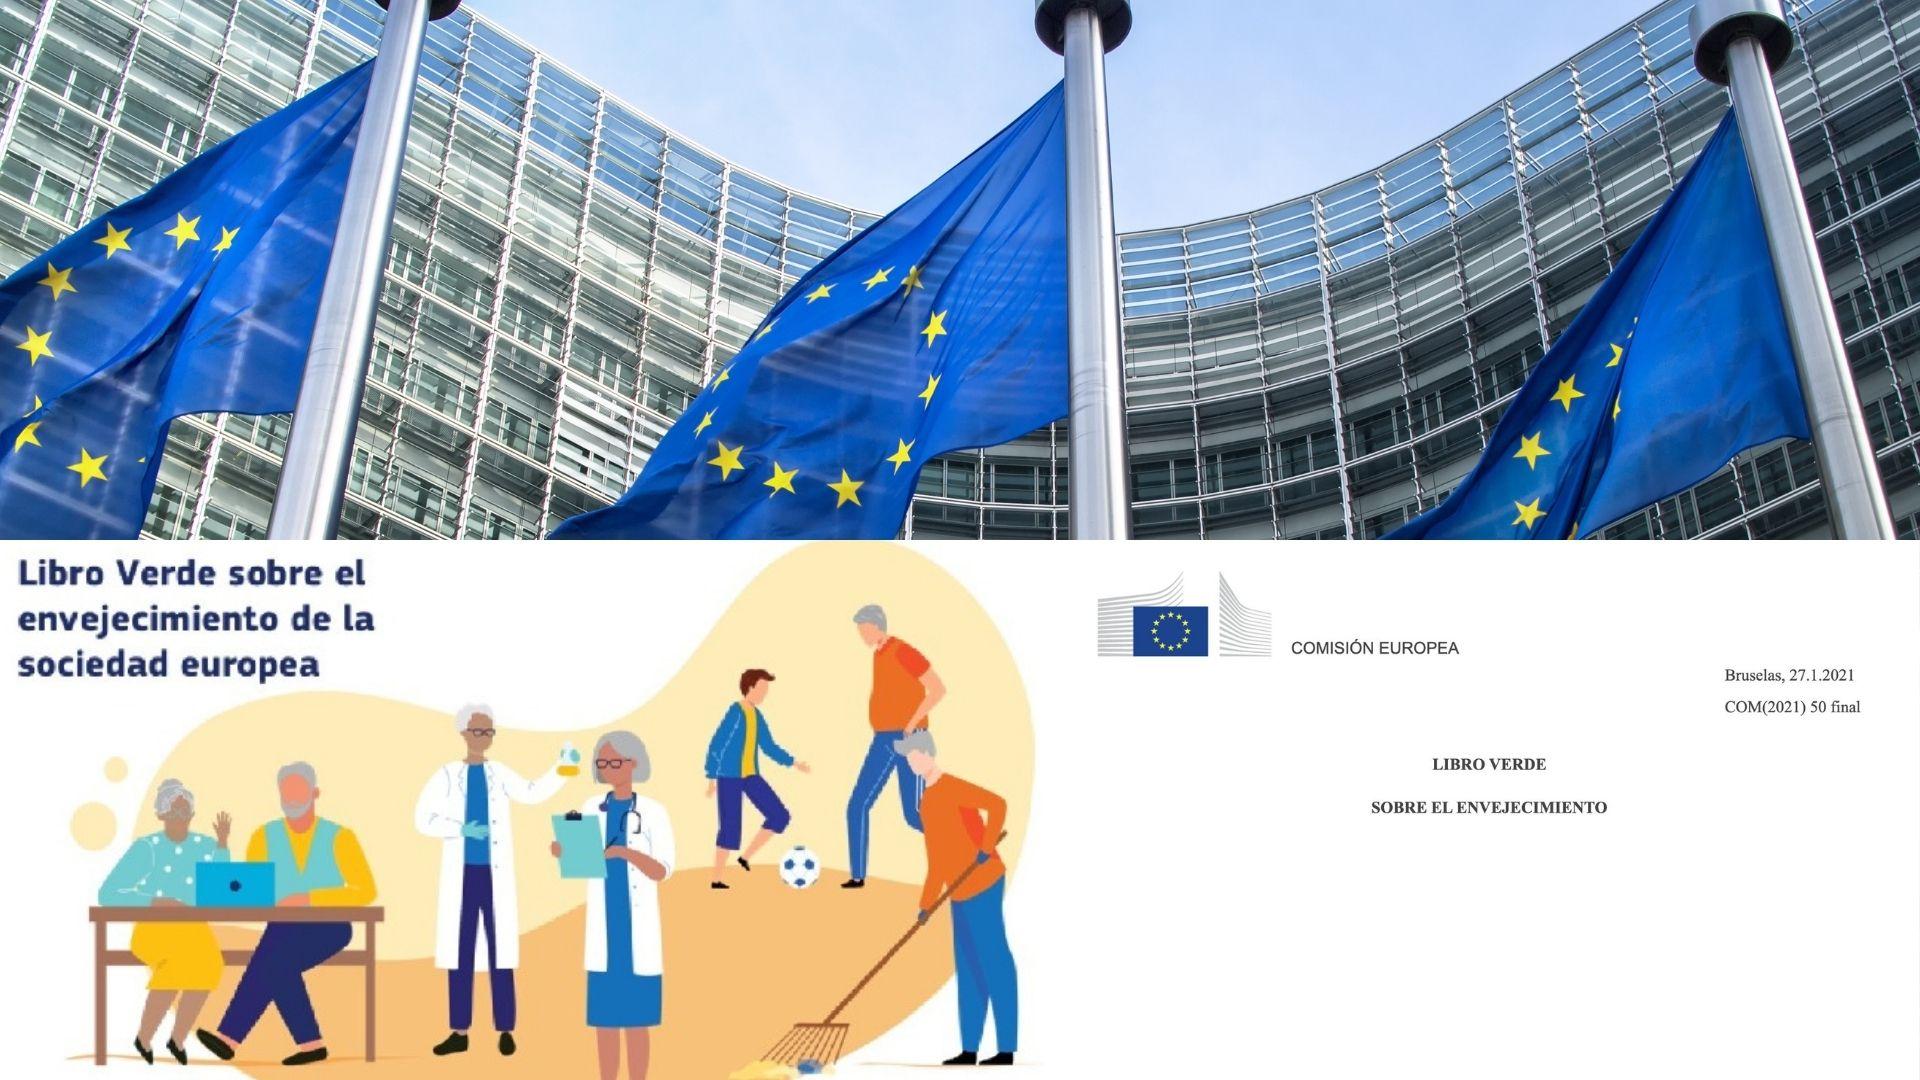 En imagen el edificio del Parlamento Europeo, junto a la bandera de la Unión Europea